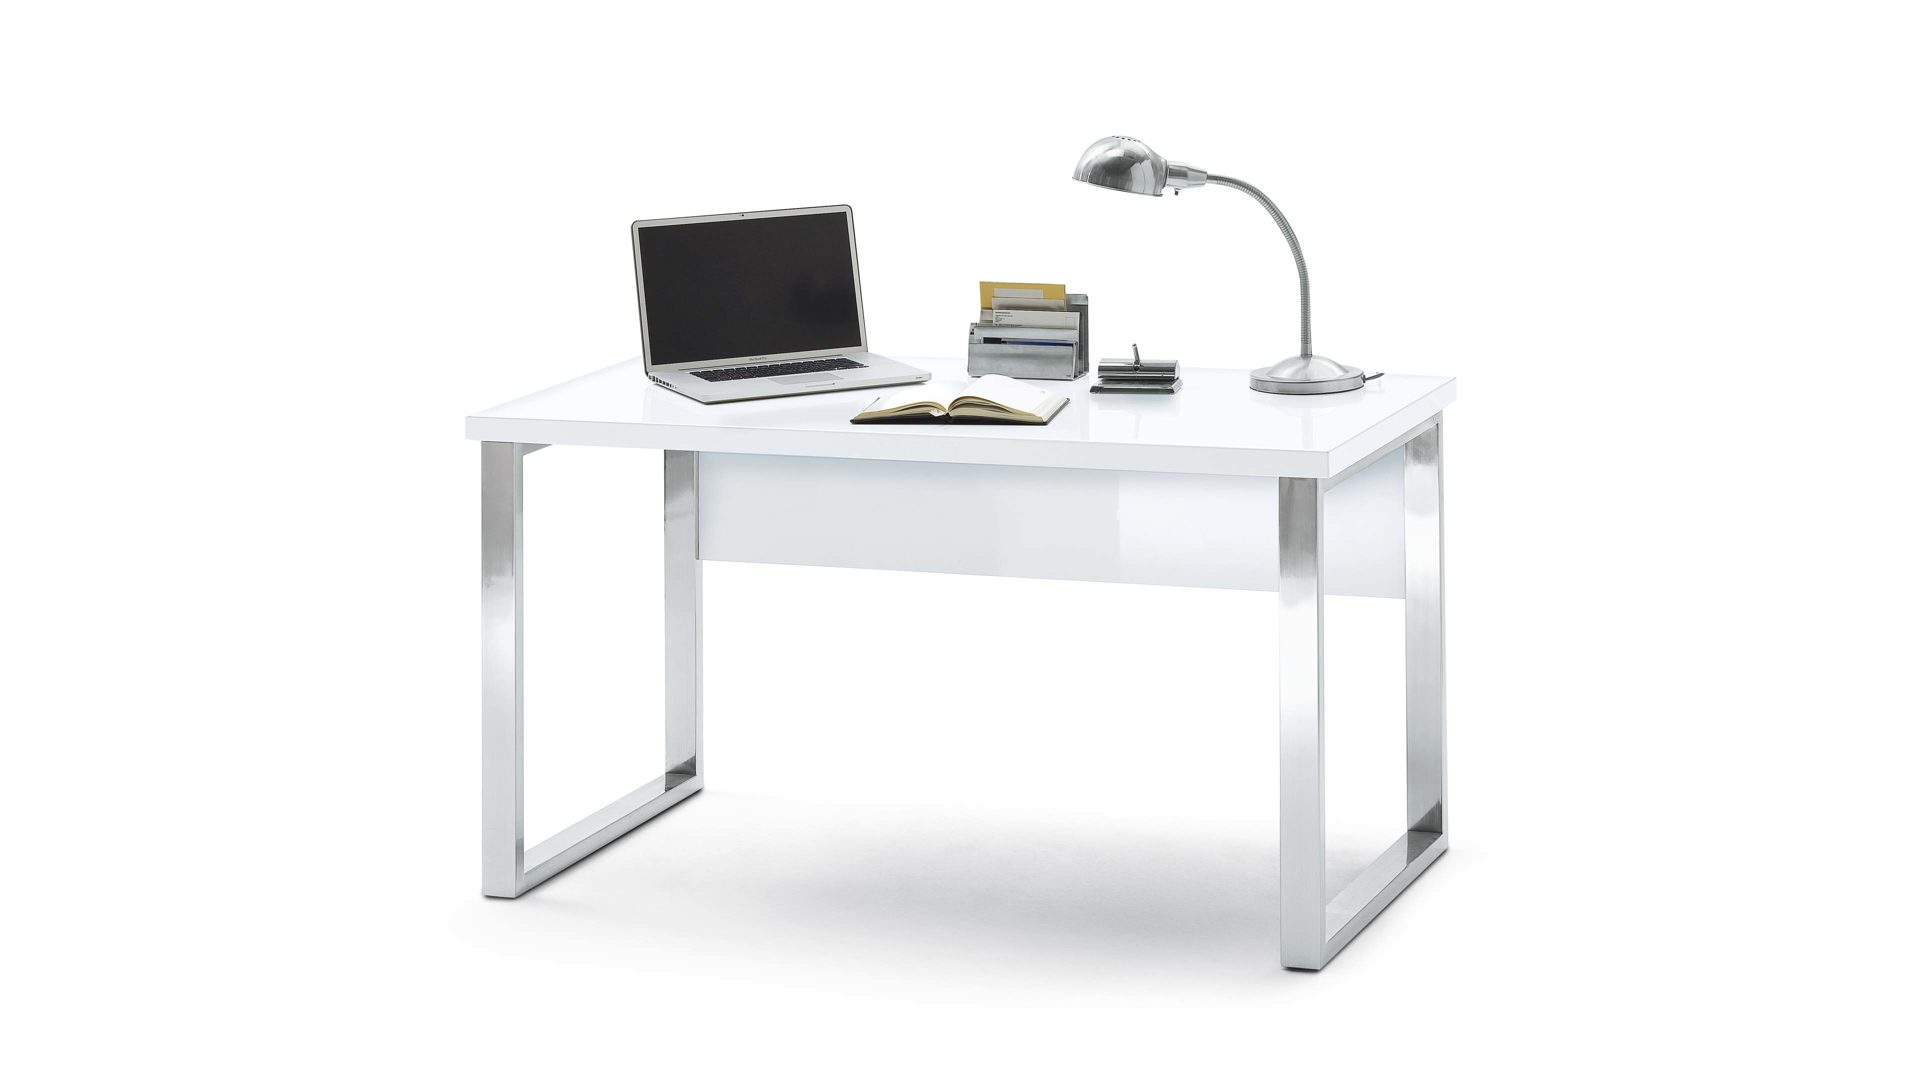 Schreibtisch fürs Wohnzimmer oder Home Office, verchromtes Gestell ...